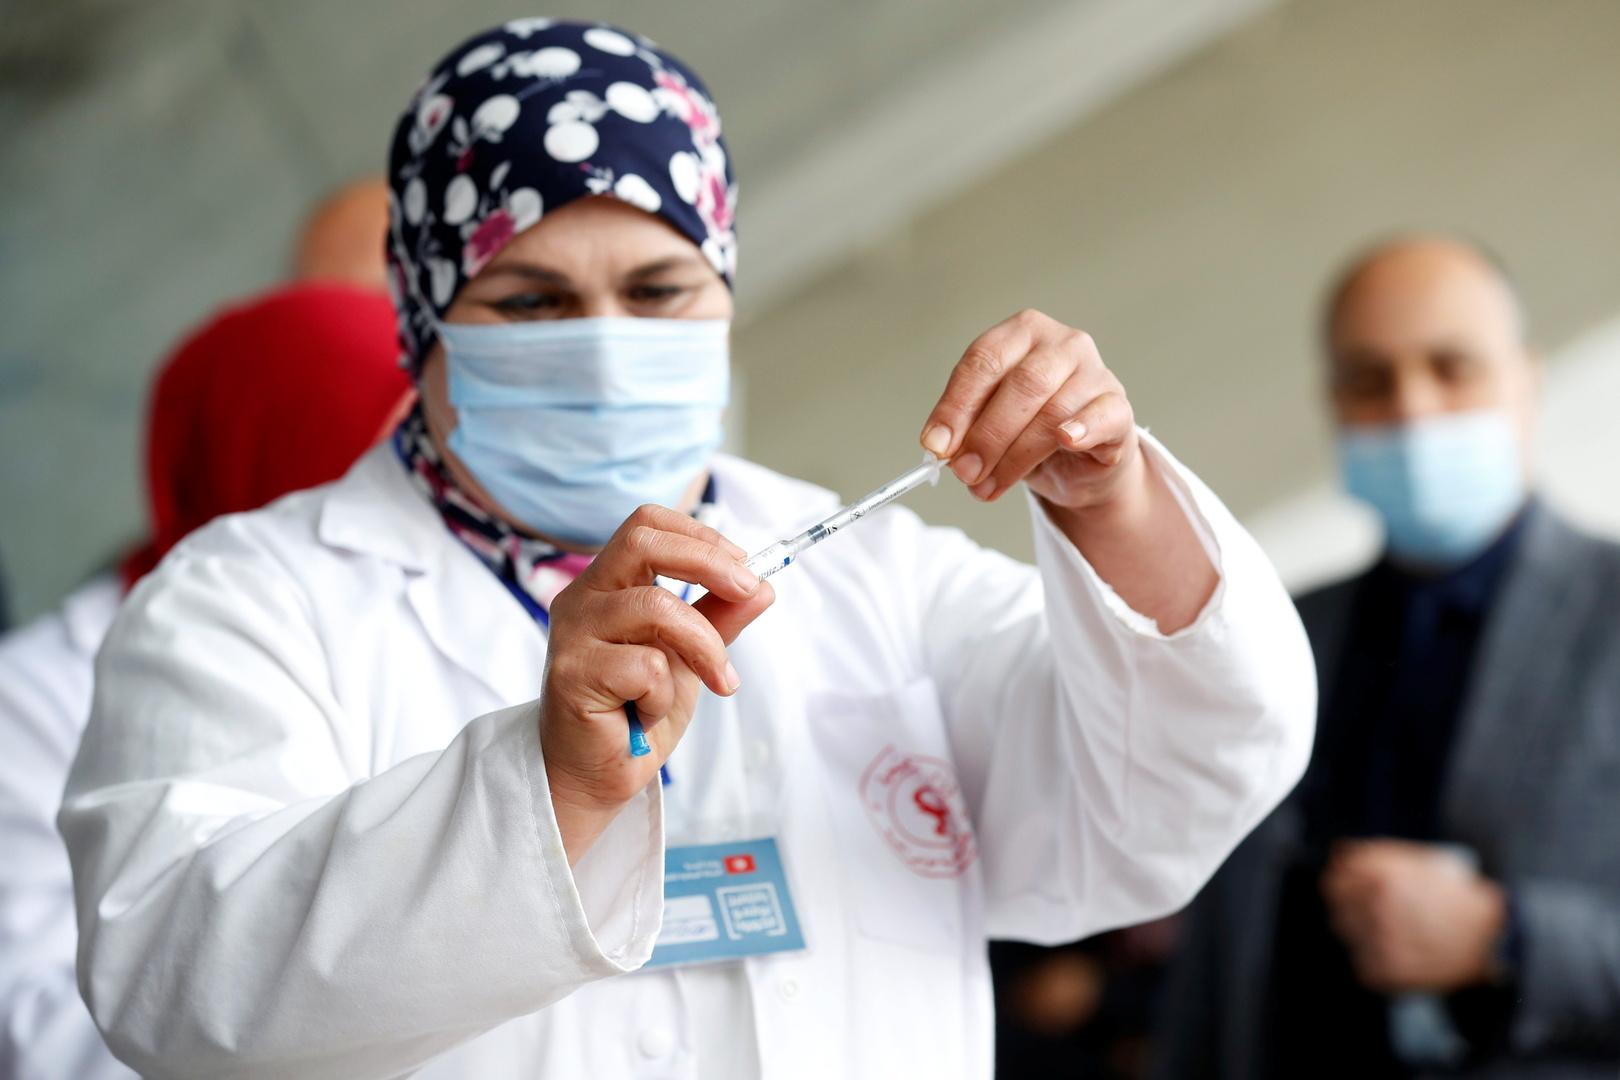 تونس تسجل 28 وفاة و1133 إصابة جديدة بفيروس كورونا